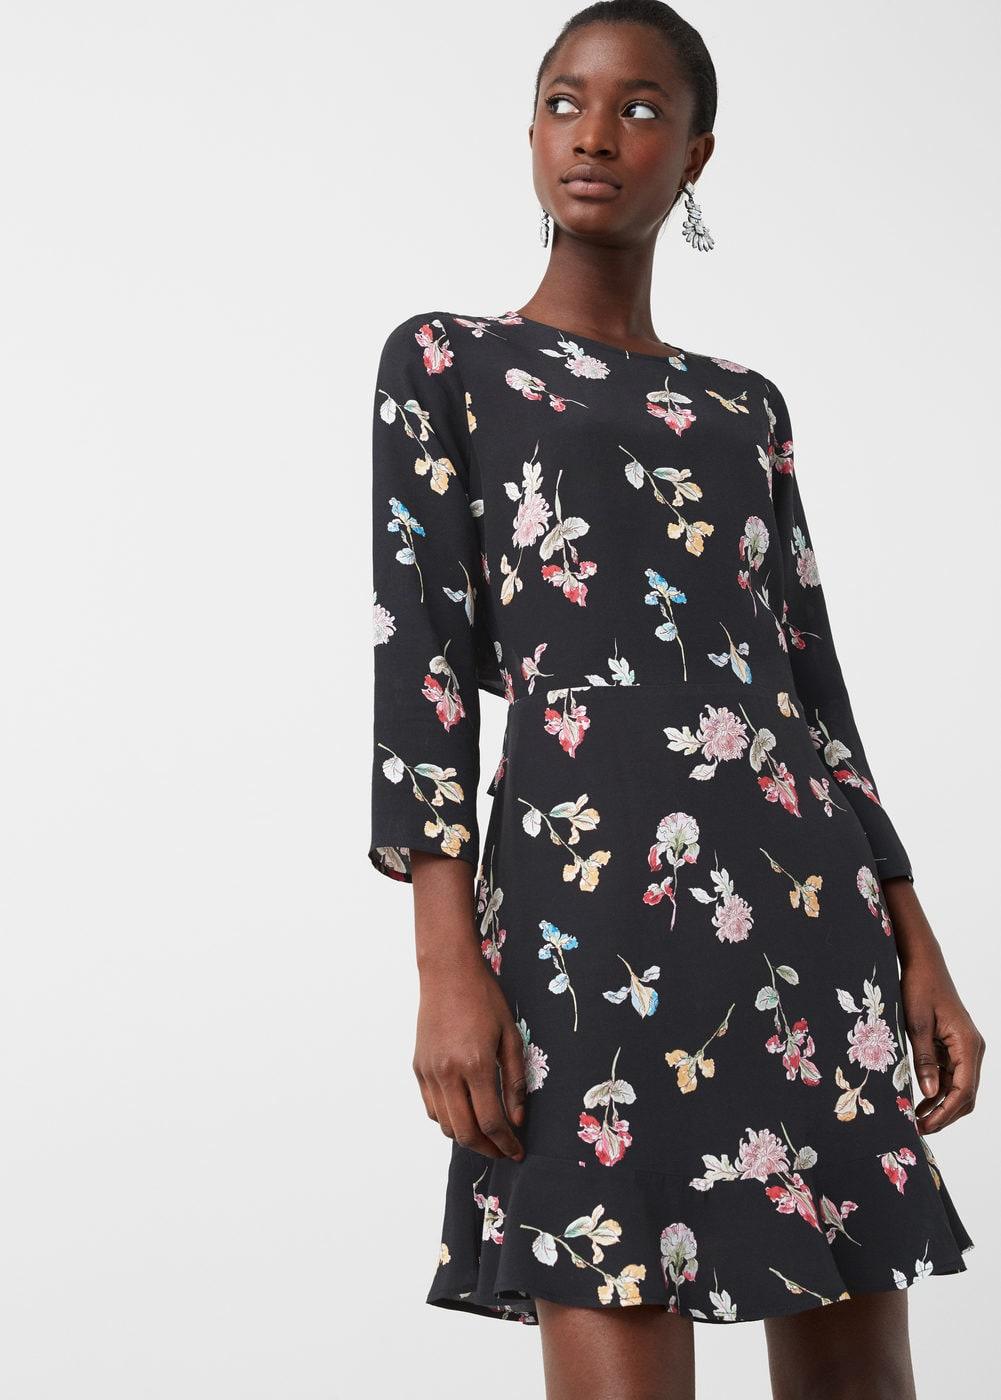 Vestidos bohemios de flores que sí deberás comprar en las rebajas - vestido flores